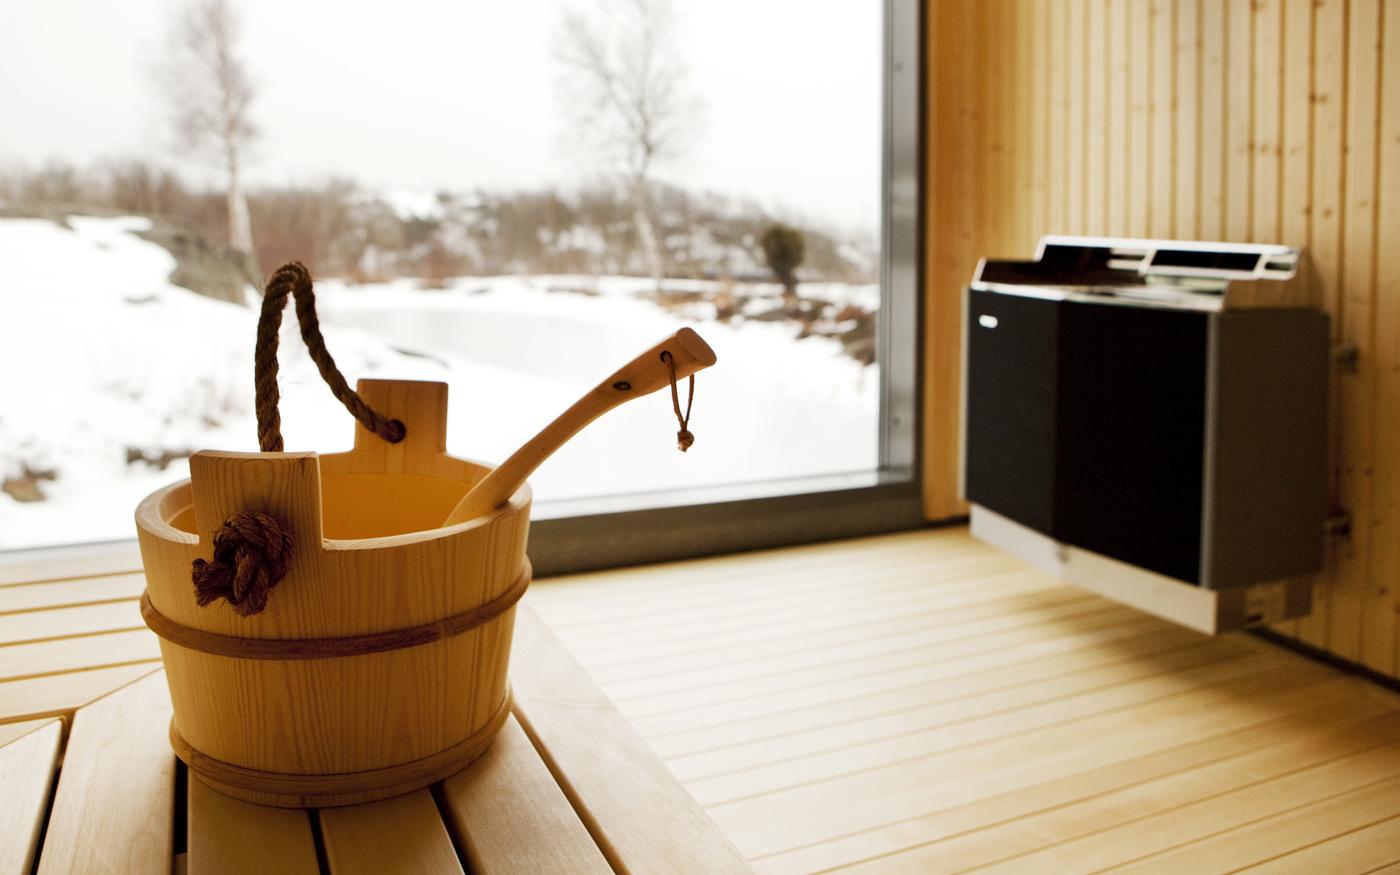 Cuptor electric pentru saune mari (Domeniul public) - SDK-SD TYLO - Poza 1